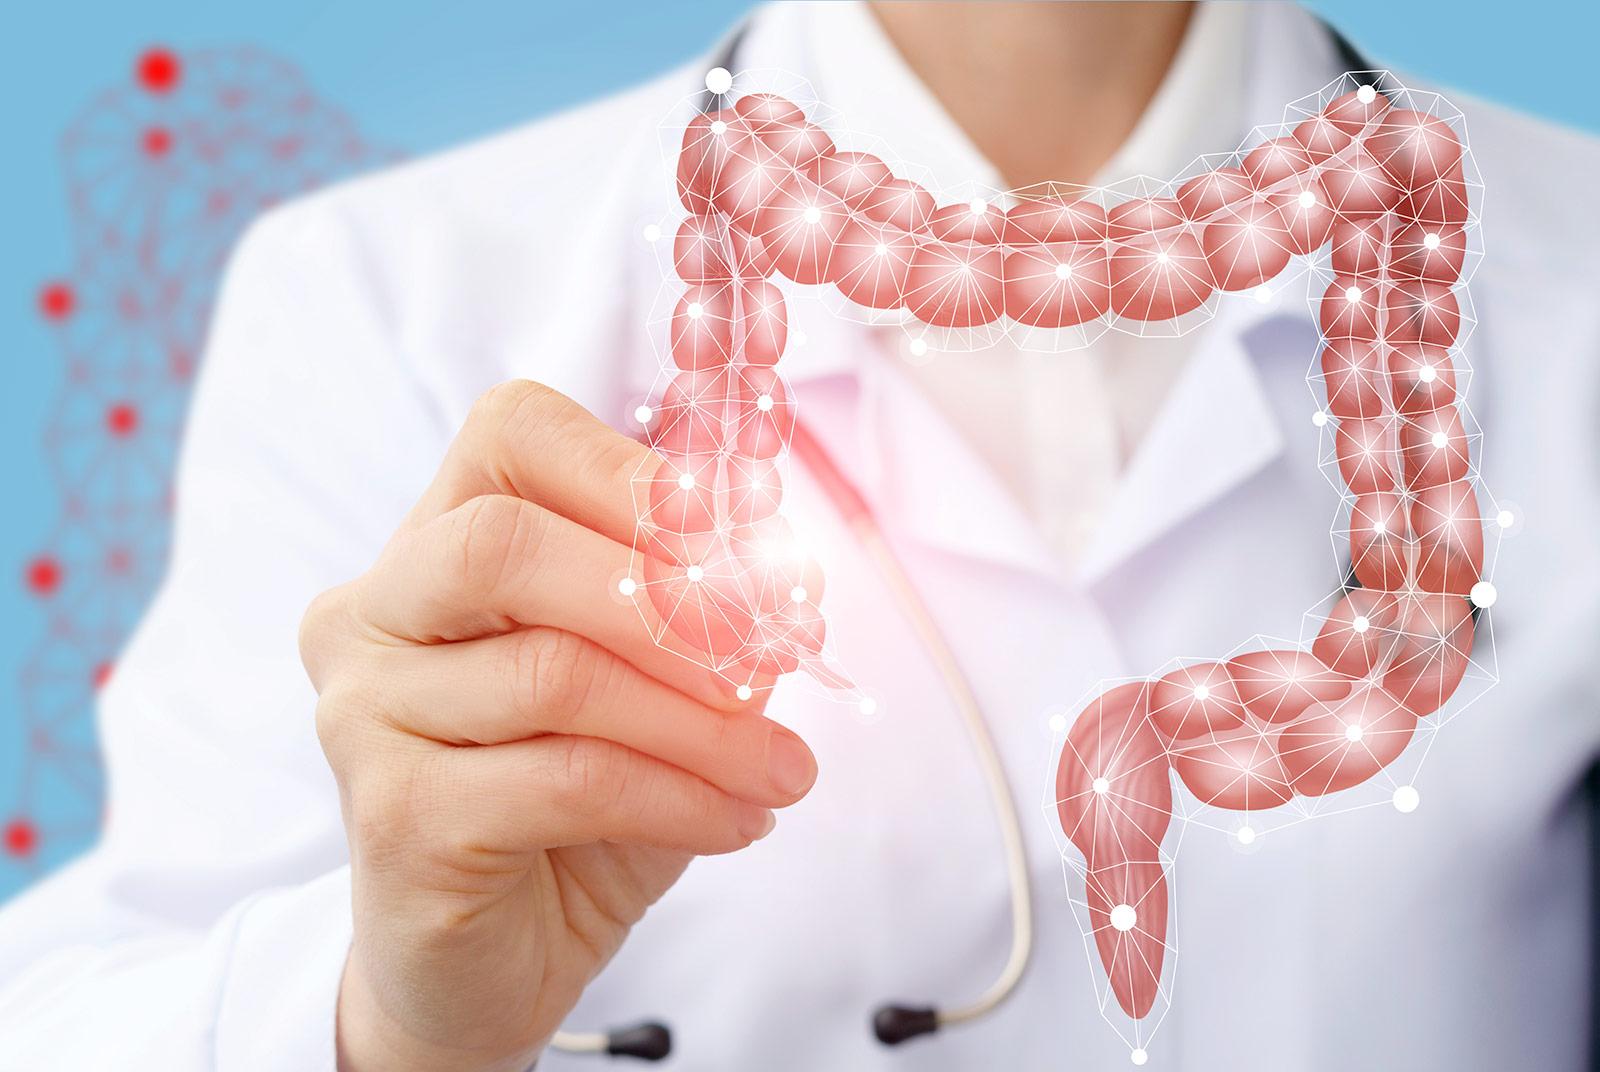 malassorbimento-intestinale-celiachia-intolleranza-lattosio-allergie-alimentari